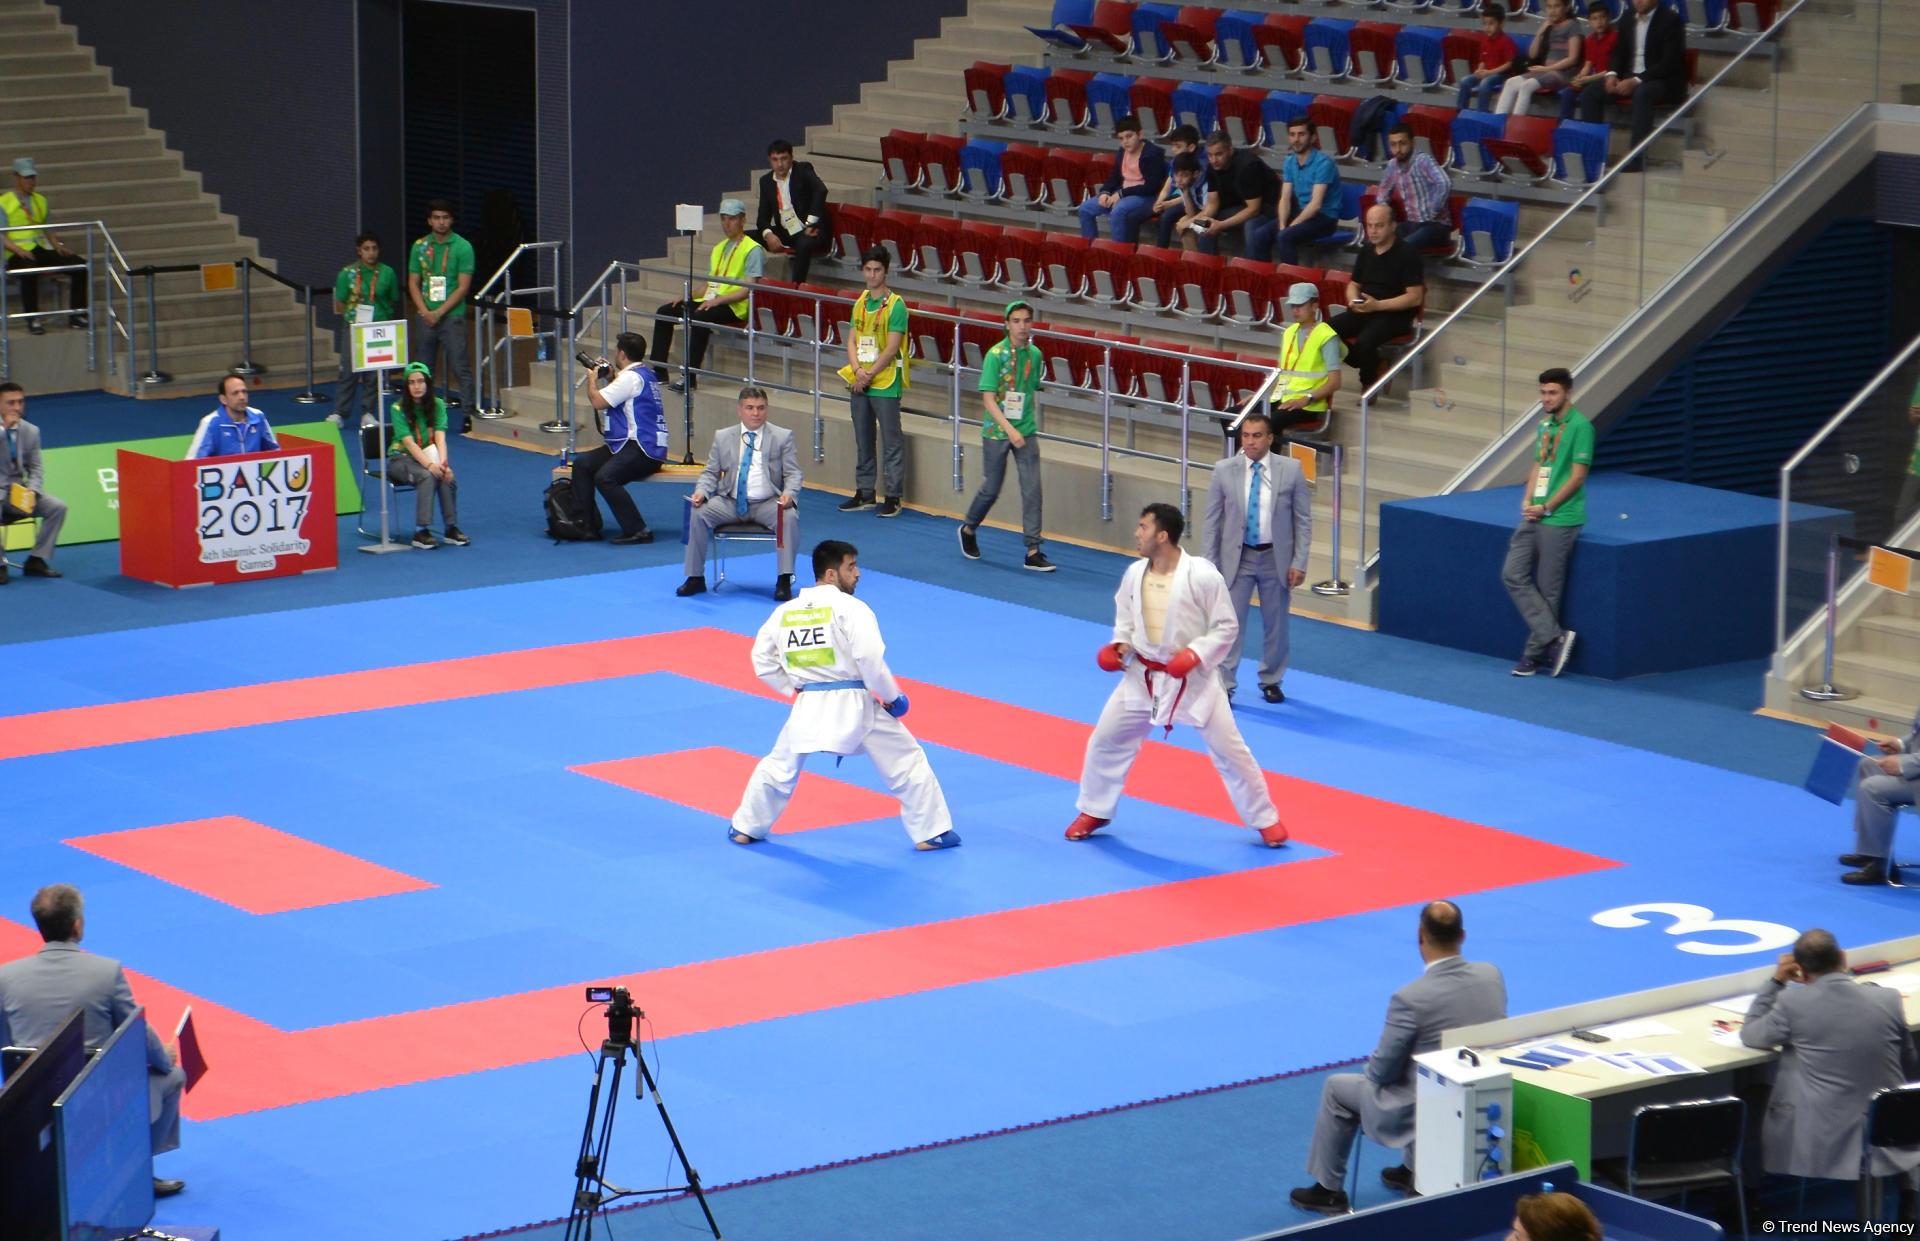 IV İslam Həmrəyliyi Oyunları çərçivəsində karate üzrə yarışlar keçirilir (FOTOREPORTAJ) - Gallery Image